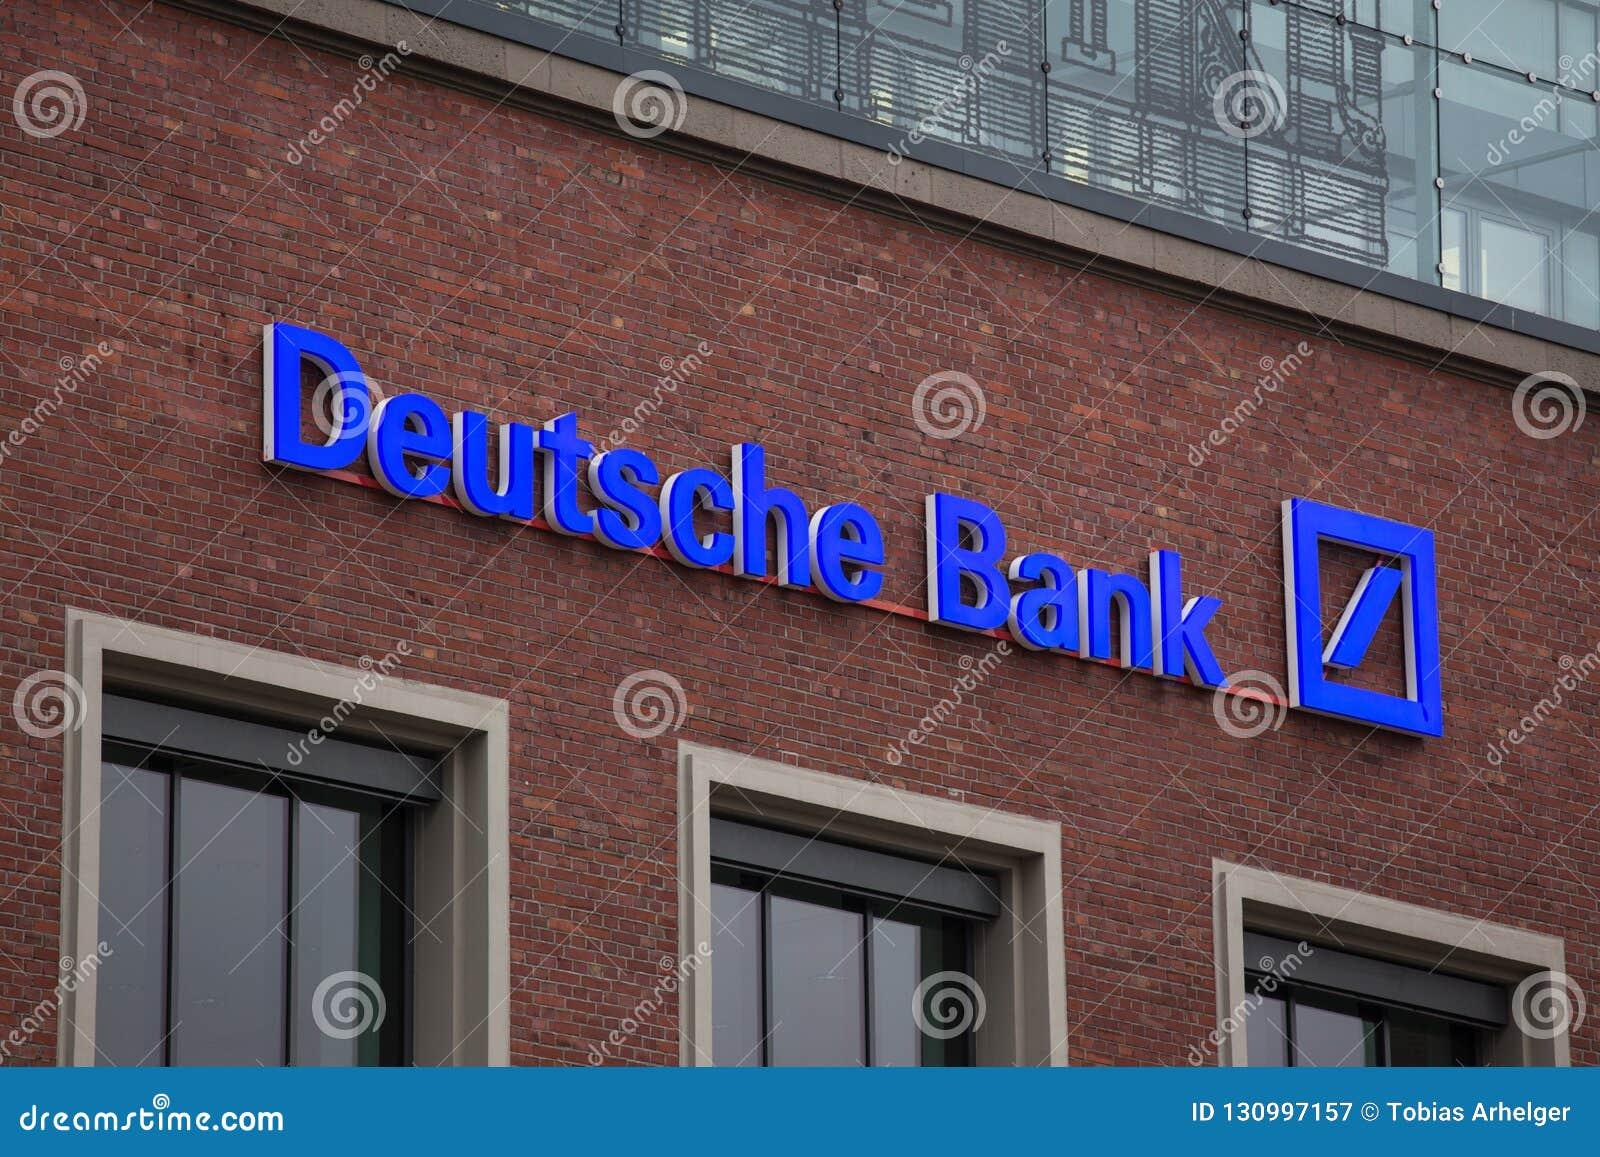 Essen, Rhénanie-du-Nord-Westphalie/Allemagne - 18 10 18 : Deutsche Bank signent dedans Essen Allemagne